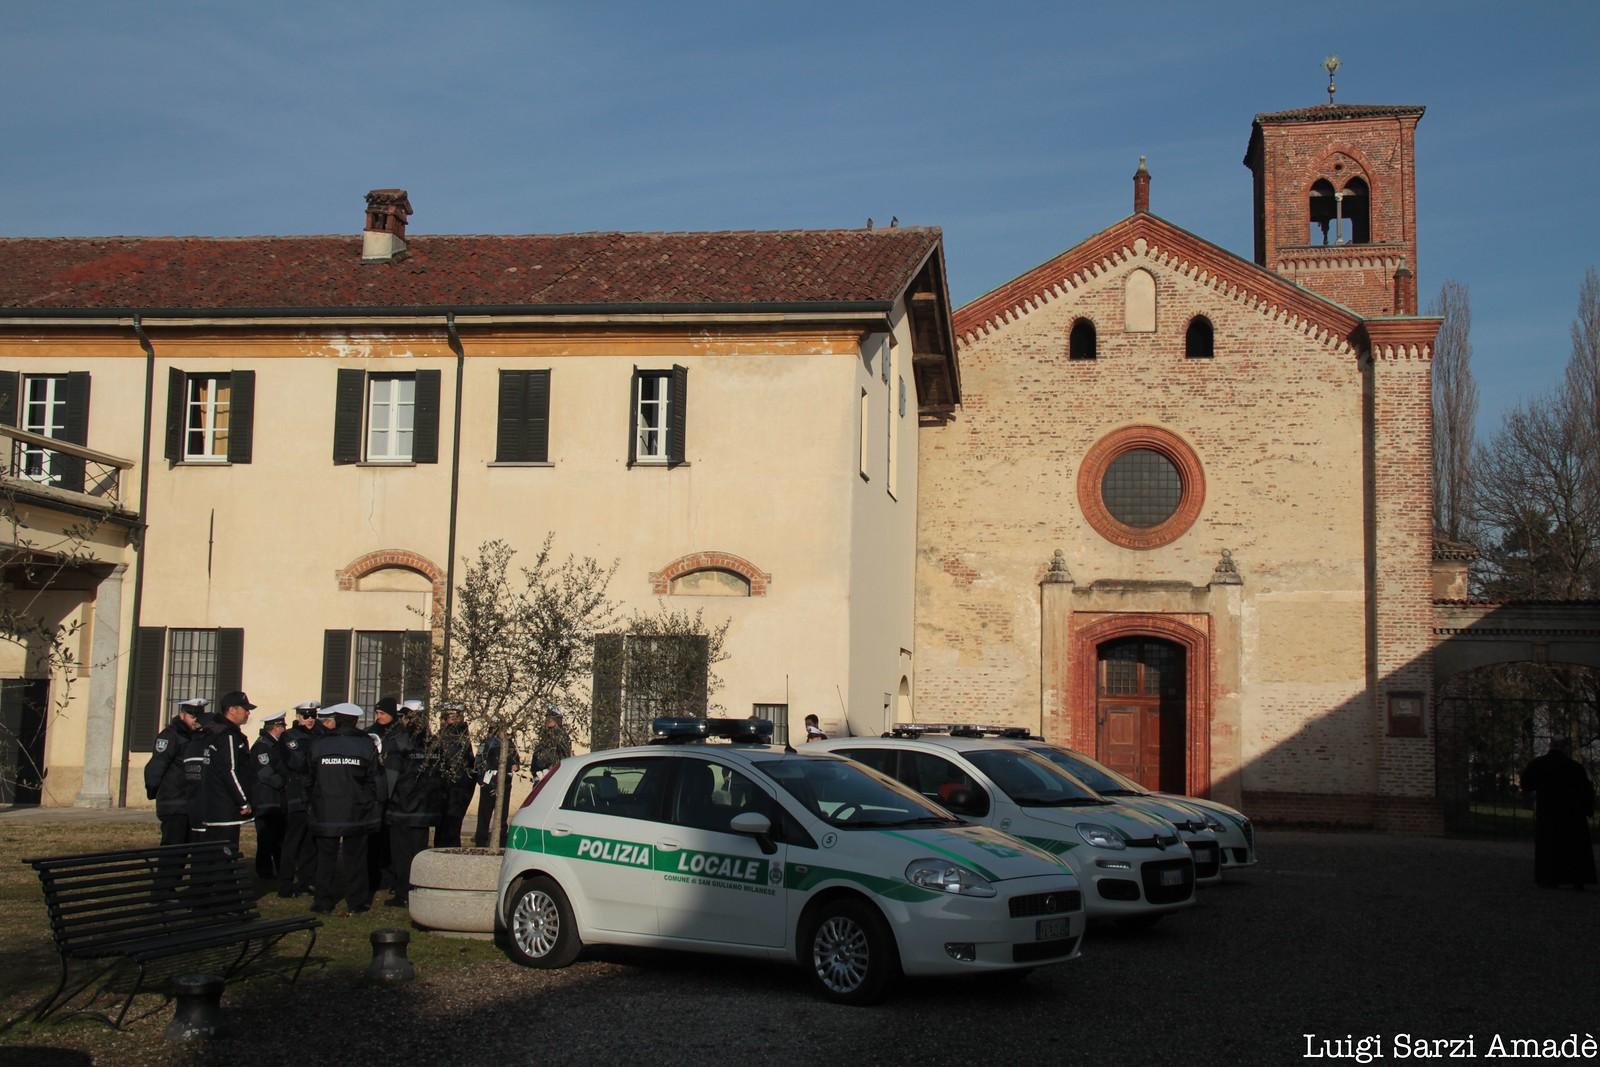 Benedizione alla Polizia Locale per San Sebastiano, suo protettore.